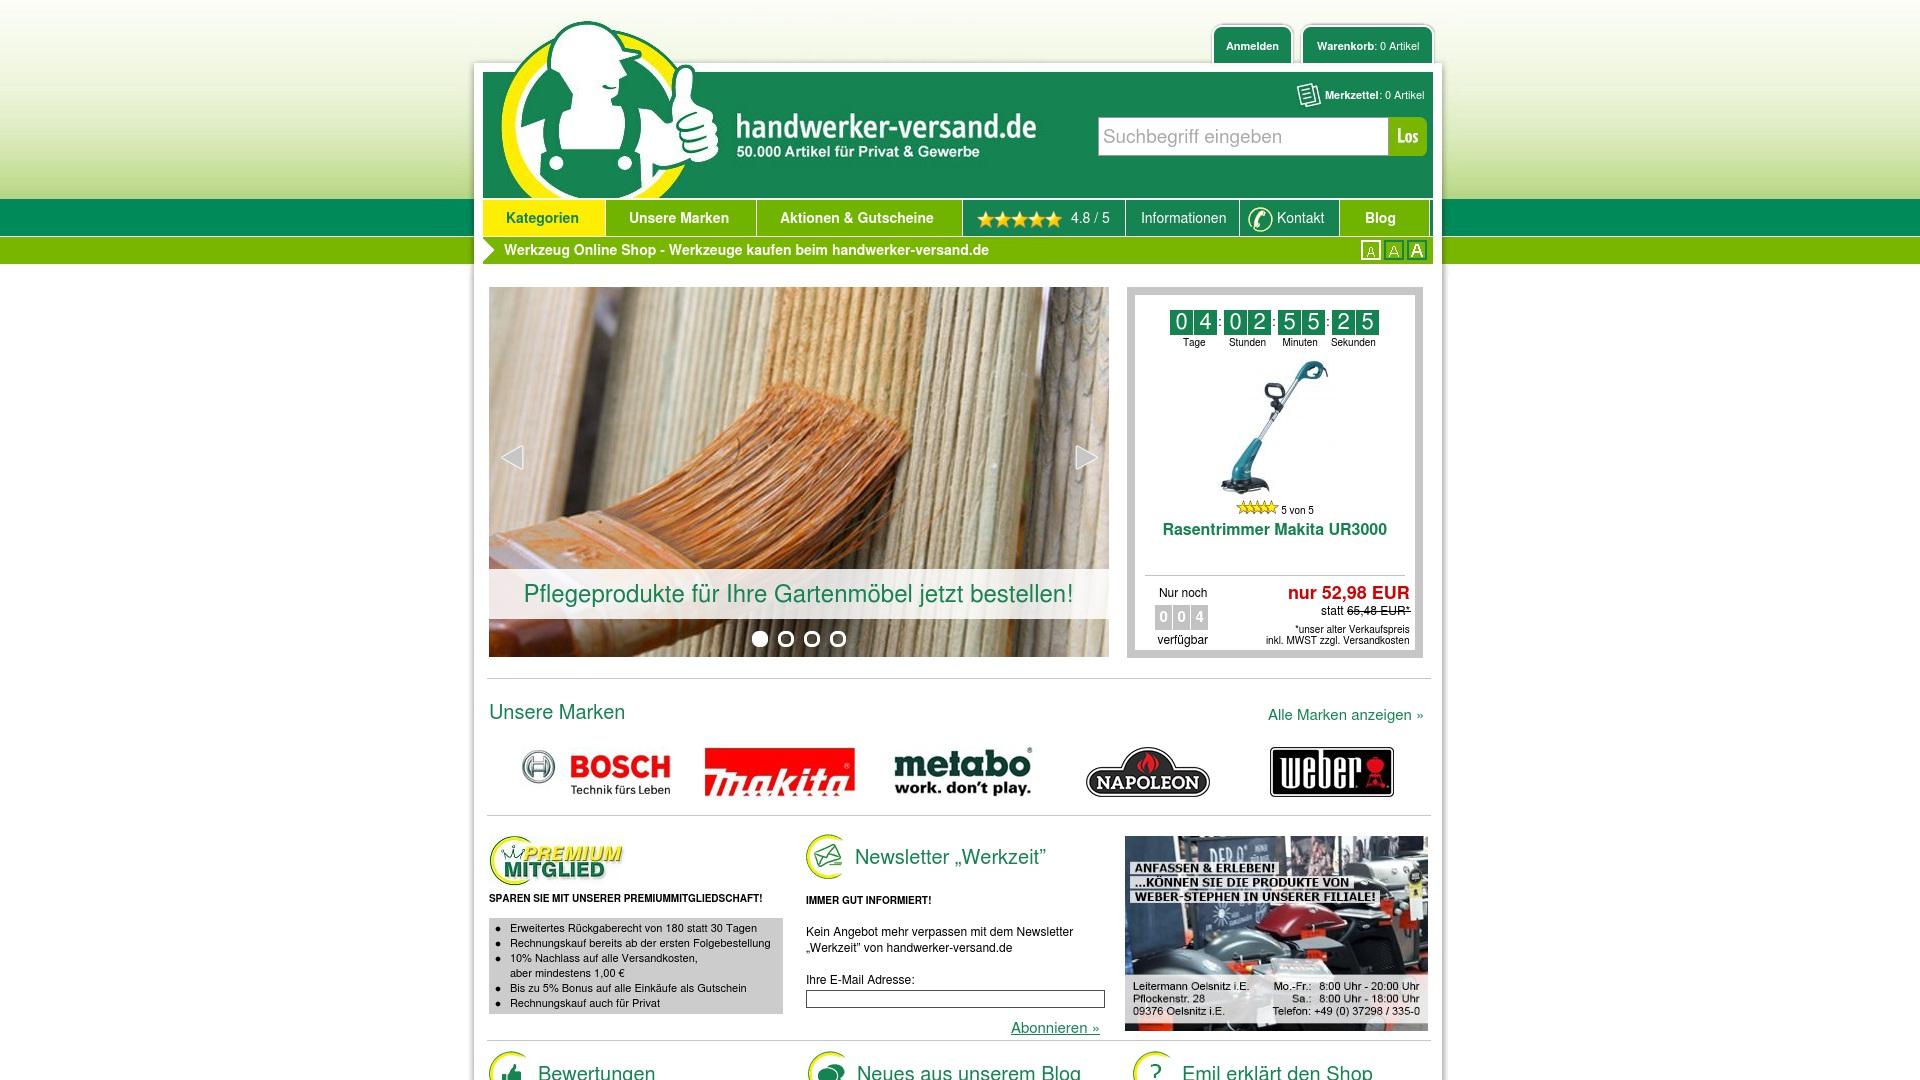 Gutschein für Handwerker-versand: Rabatte für  Handwerker-versand sichern